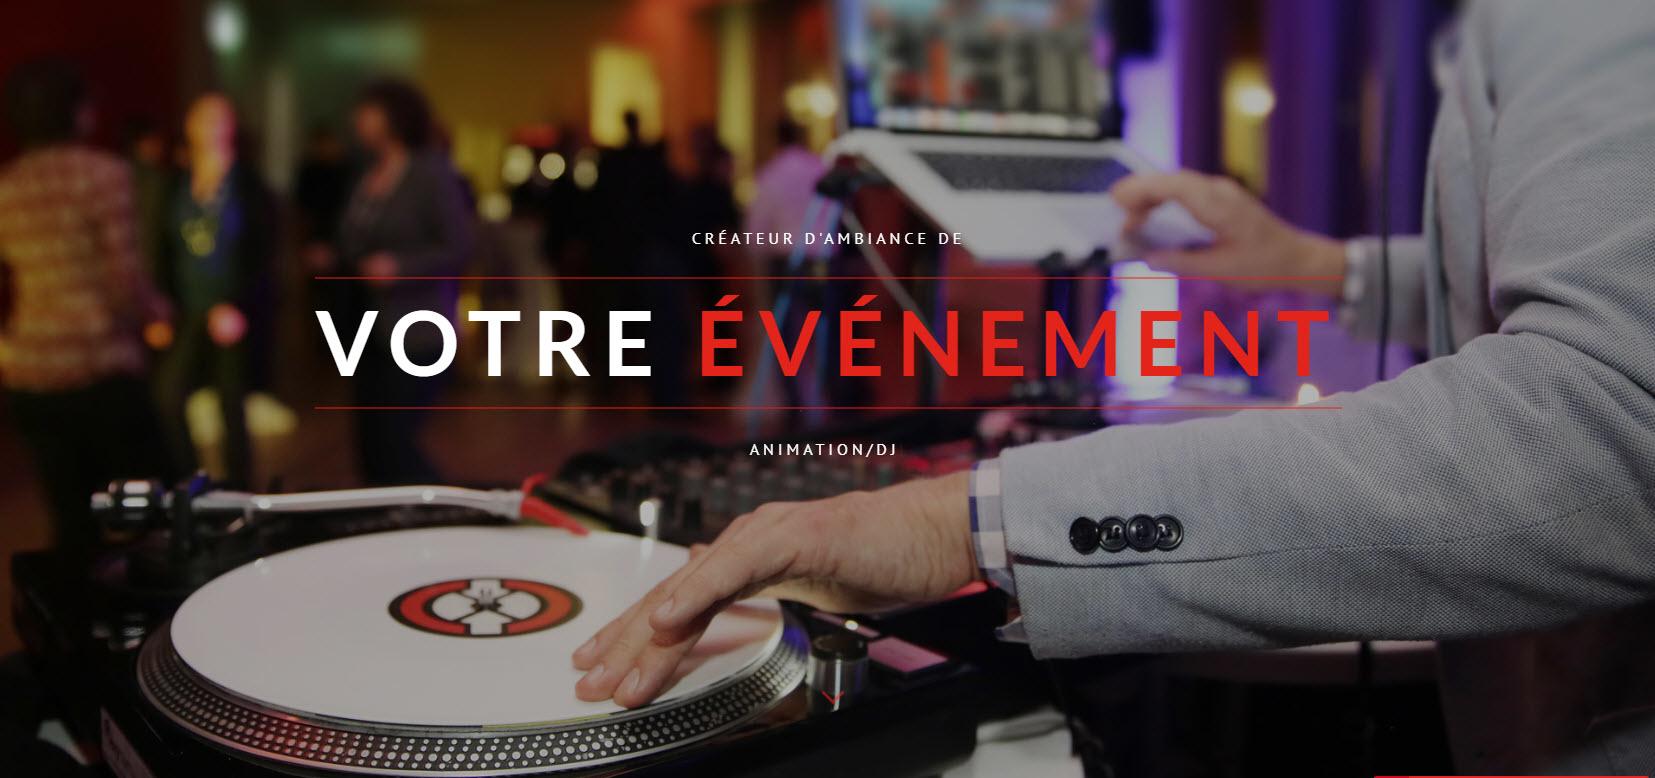 Groupe Decoralium in Trois-Rivières: DJ